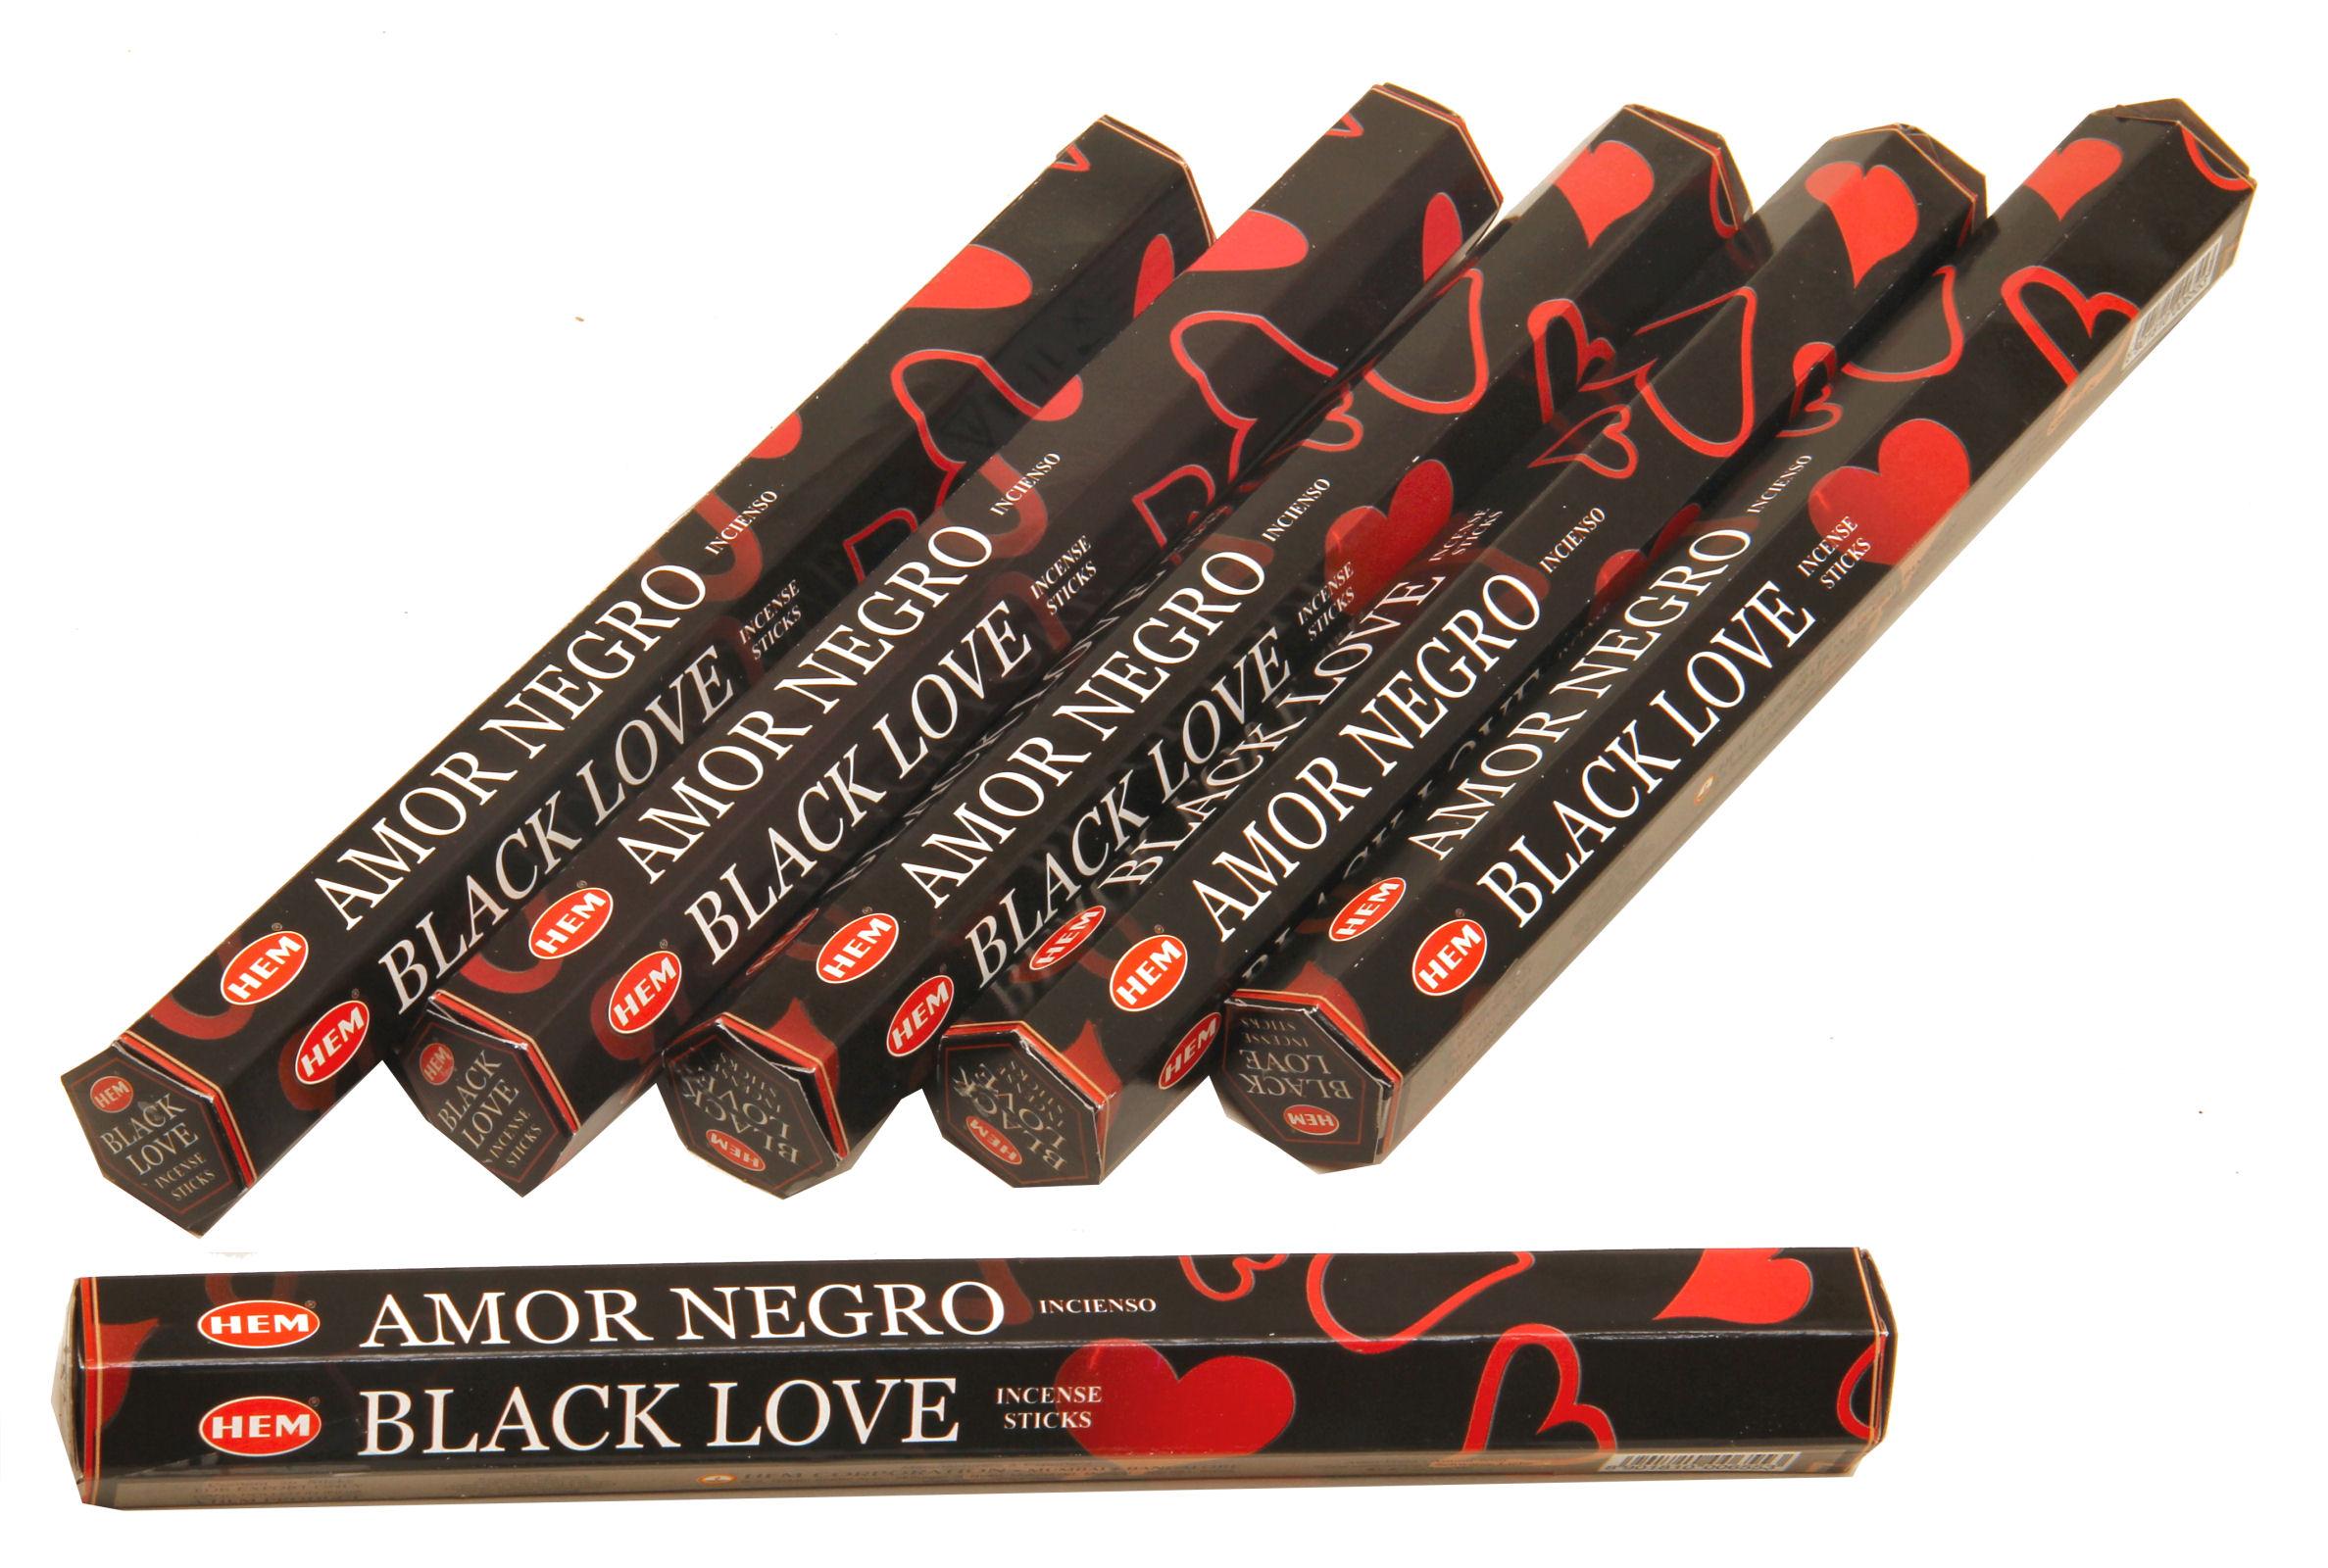 HEM Räucherstäbchen Sparset. 6 Packungen ca. 120 Sticks Black Love